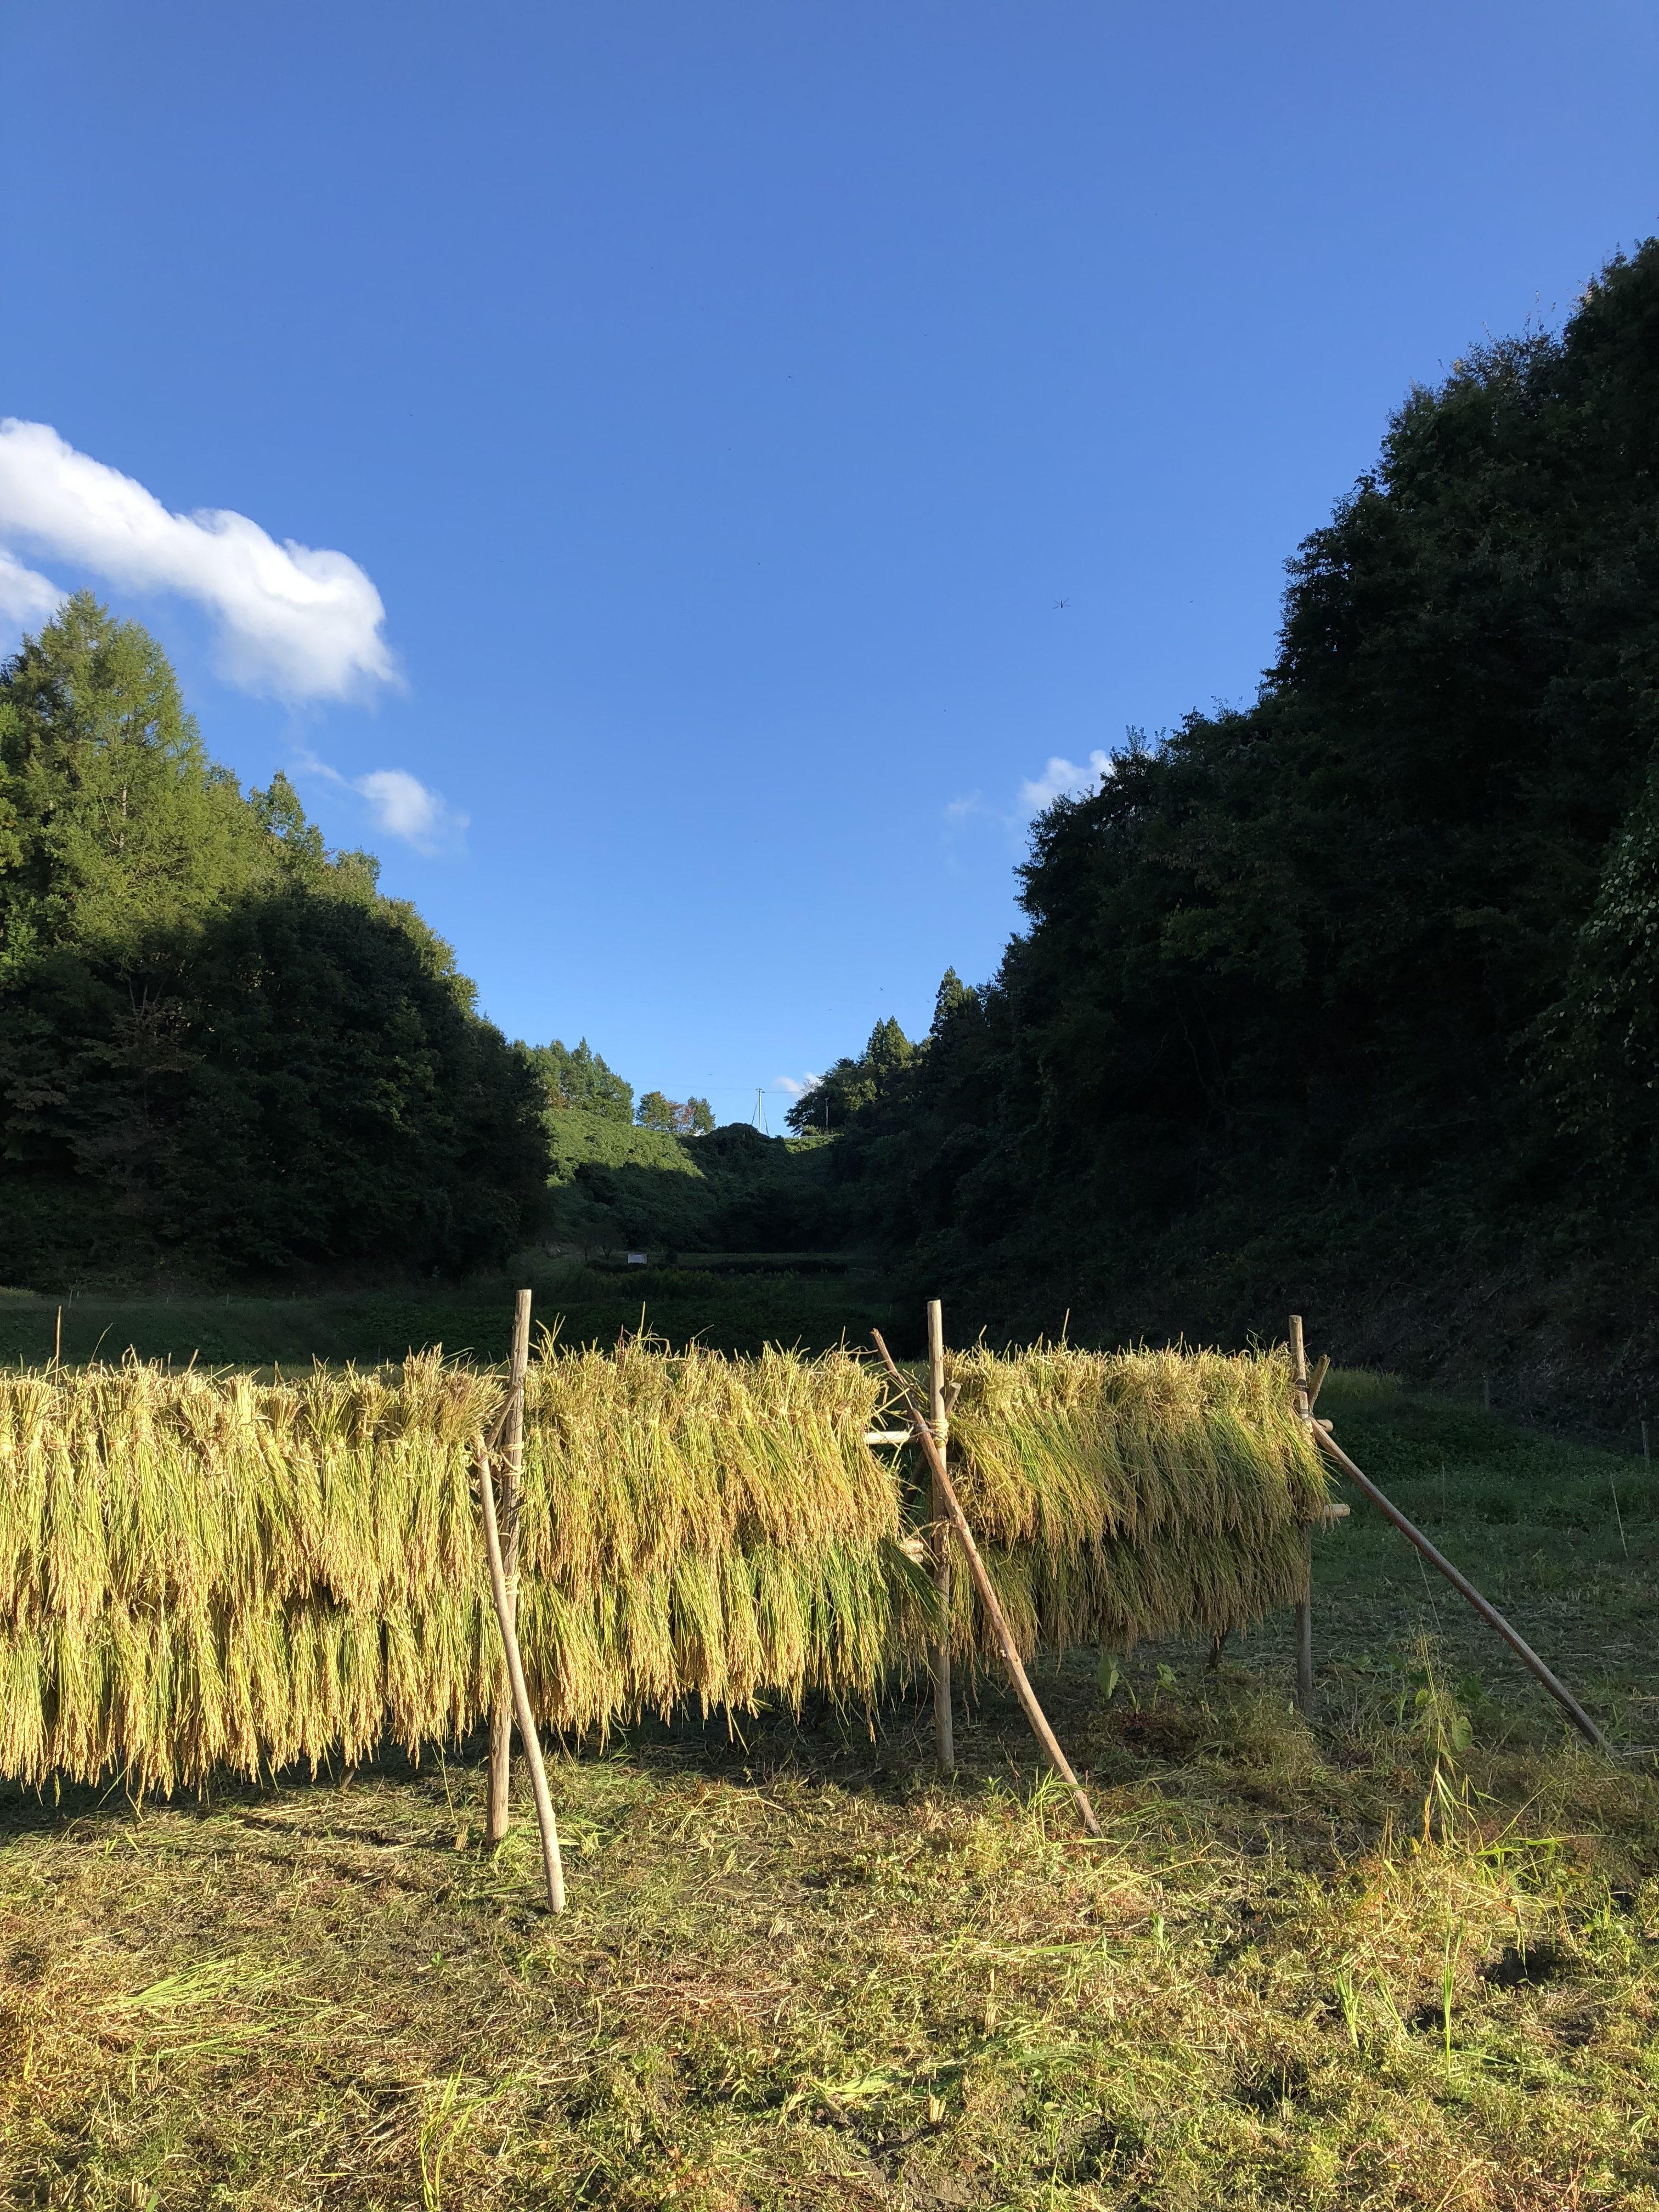 """「有機農業だから良い」というのは、""""絶対""""にありえません!!有機農業は環境に優しいのか?将来の農業のことを真面目に考える"""